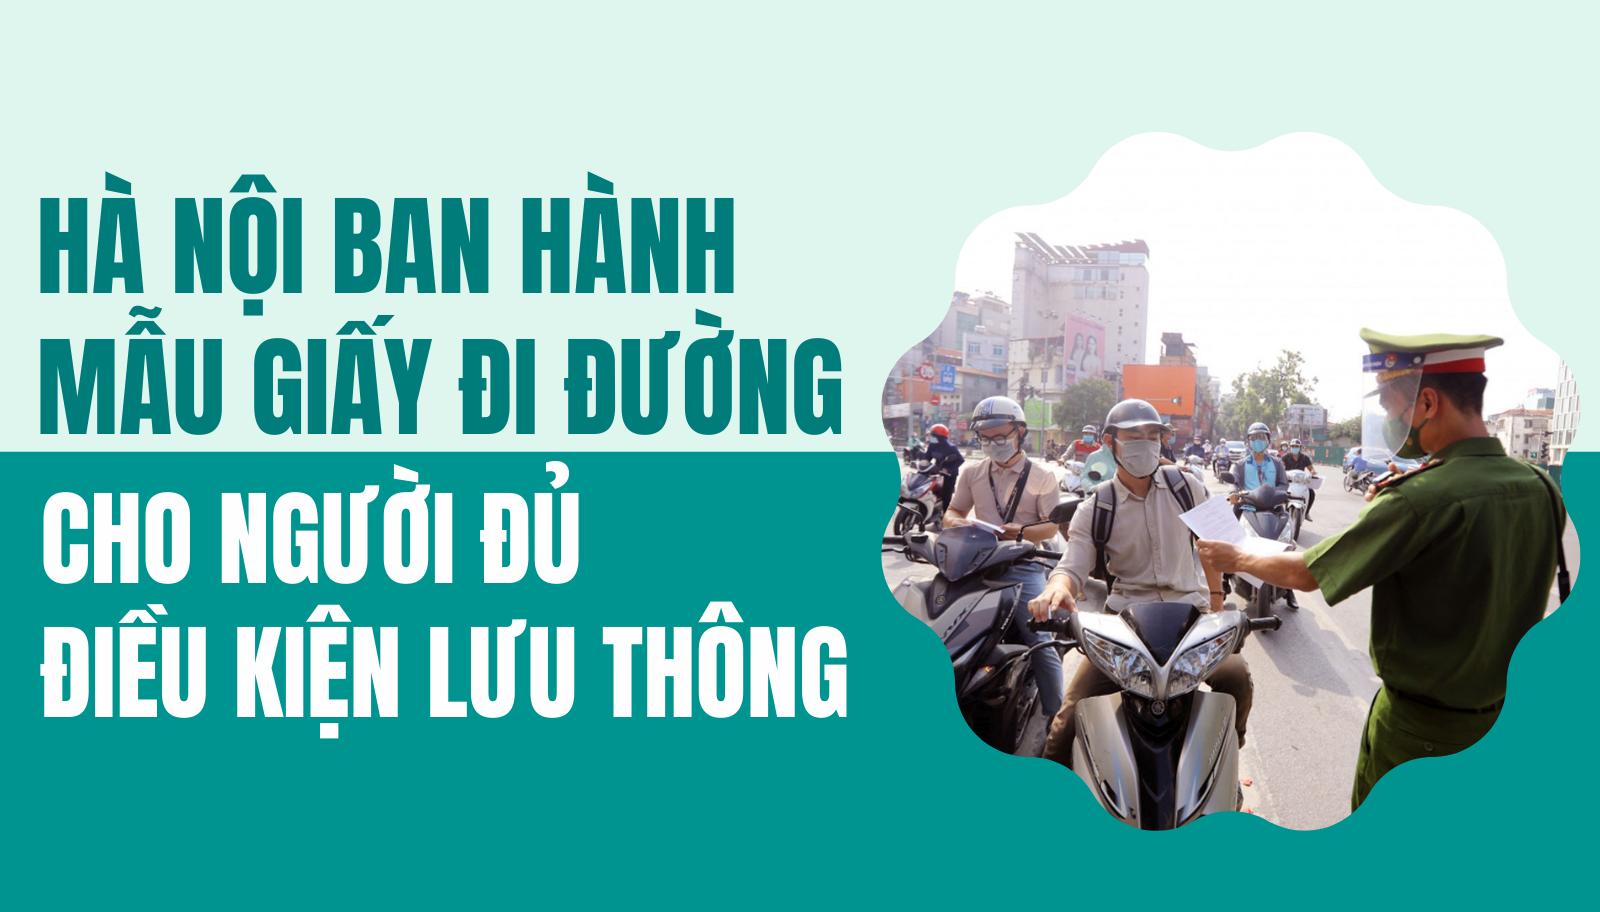 [Infographic] Hà Nội: Ban hành mẫu giấy đi đường cho người đủ điều kiện lưu thông